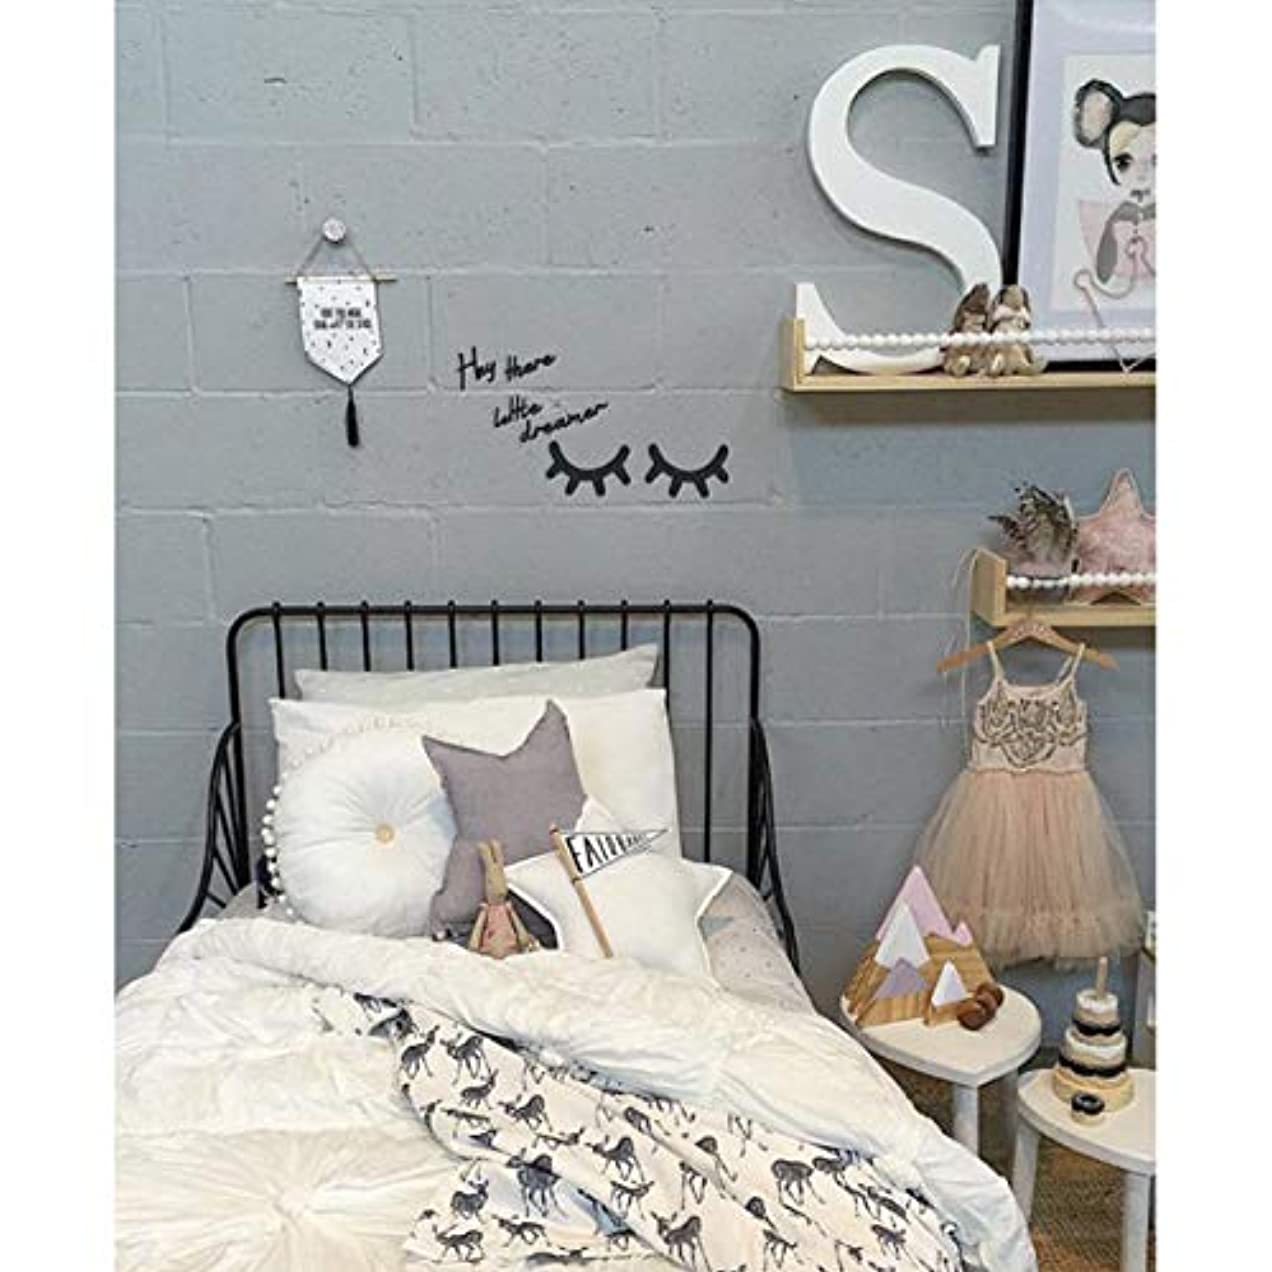 うそつき繁栄するシンポジウムVosarea キラキラ木製まつげパターンウォールステッカー用キッズパーティー寝室の背景部屋の装飾diyまつげパターンウォールステッカーブラック